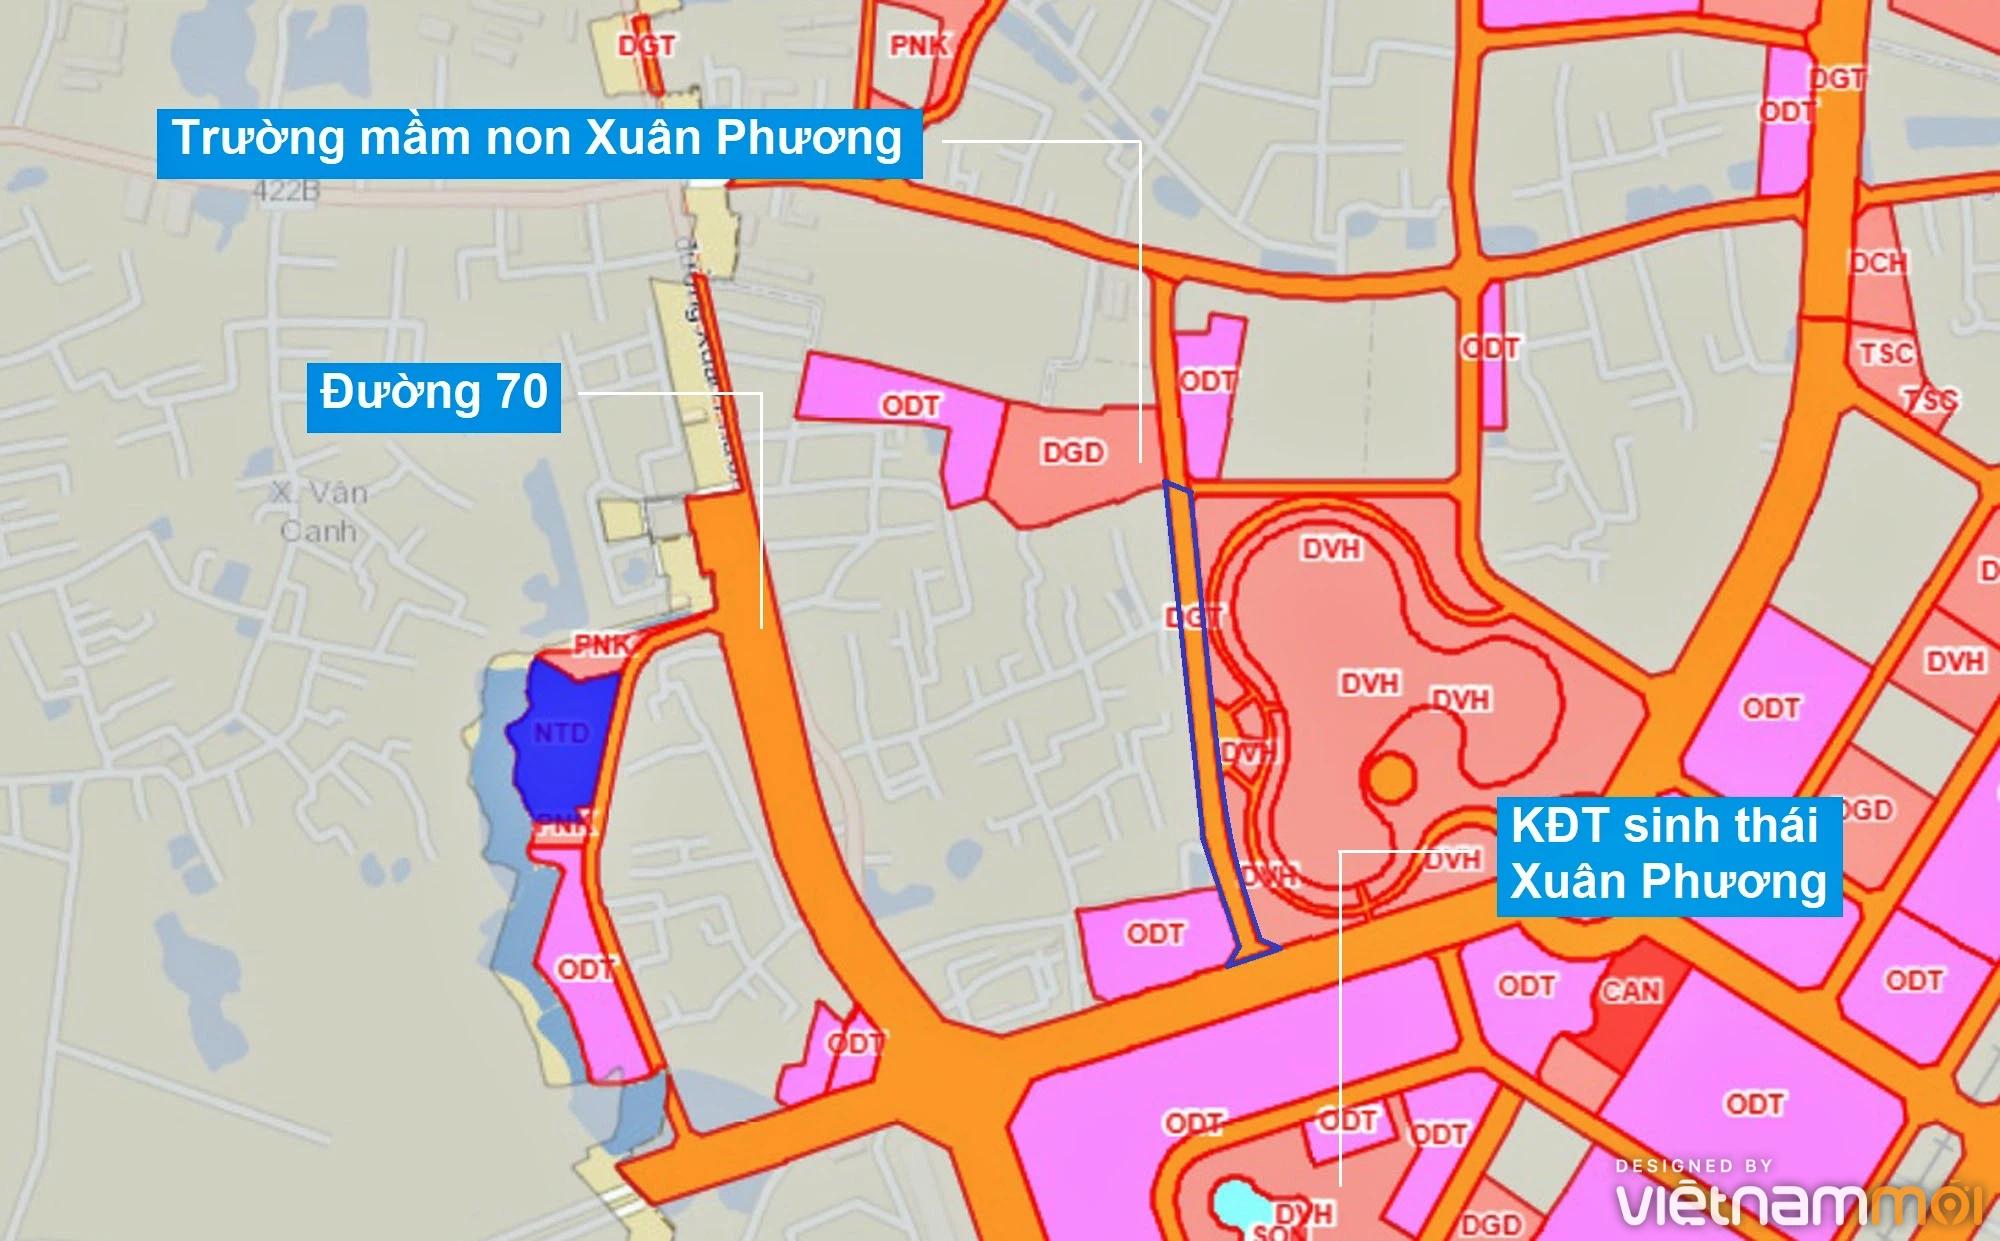 Những khu đất sắp thu hồi để mở đường ở phường Xuân Phương, Nam Từ Liêm, Hà Nội (phần 2) - Ảnh 7.